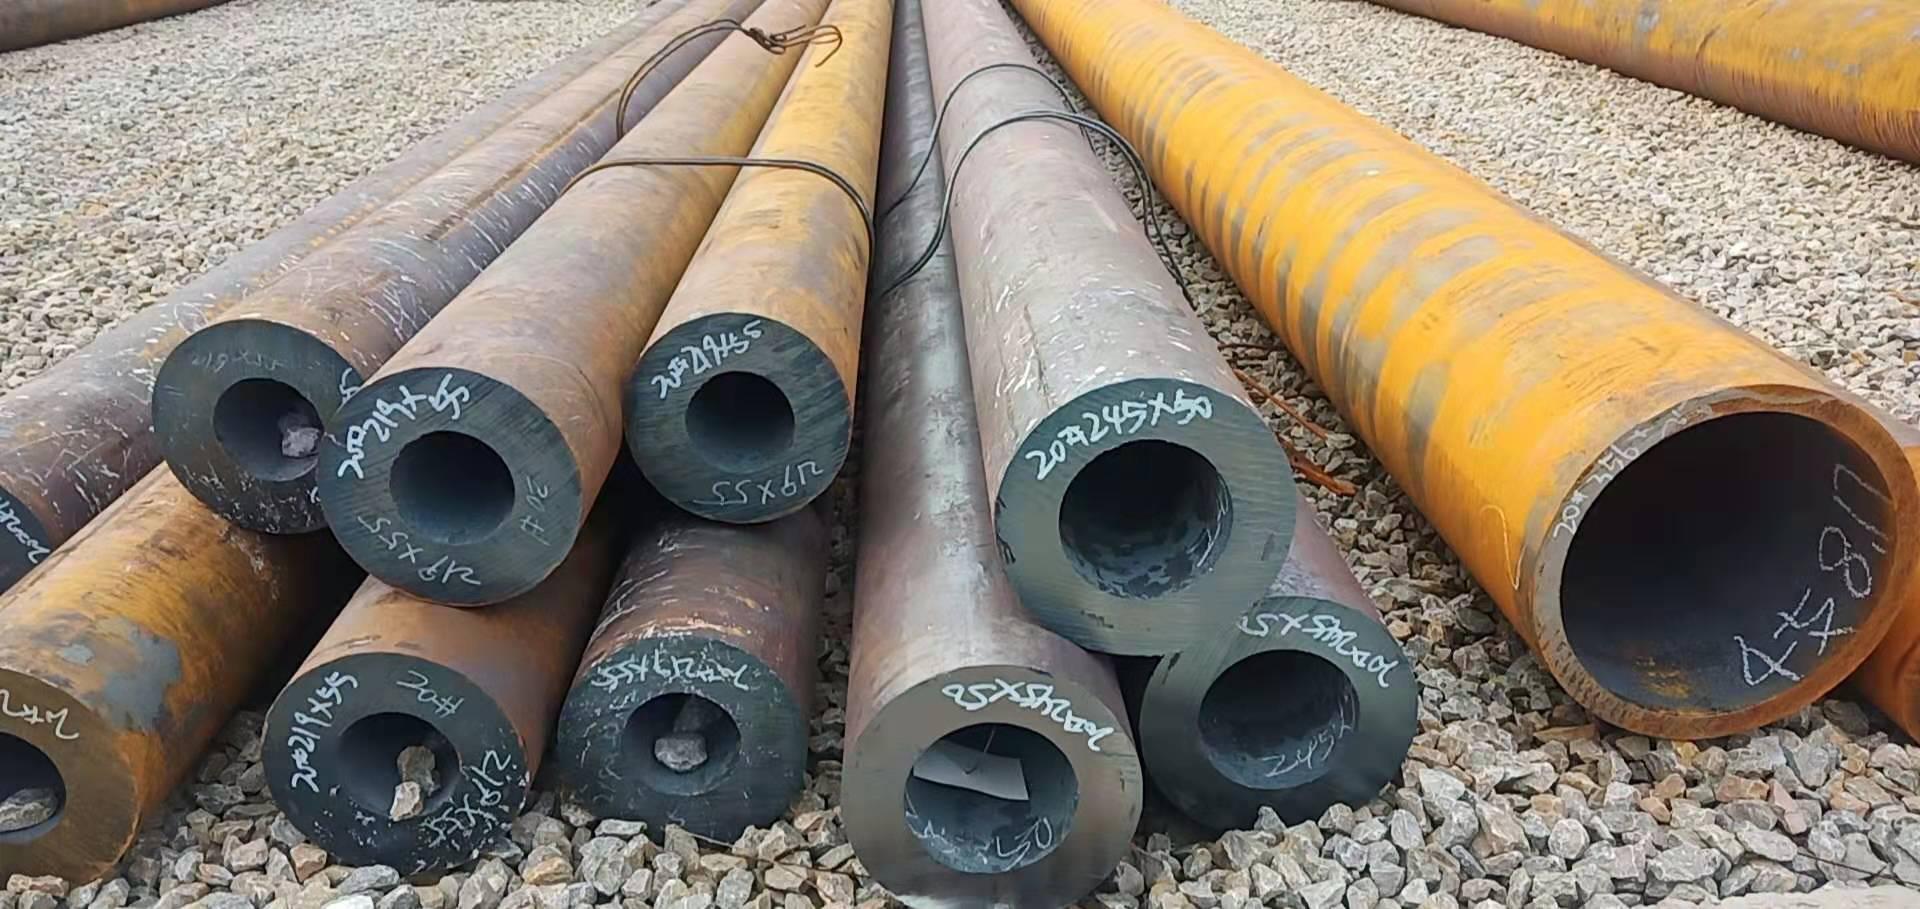 隧道用无缝钢管 无缝钢管是如何应用于隧道中的 山东鑫通惠提供优质无缝钢管钢材